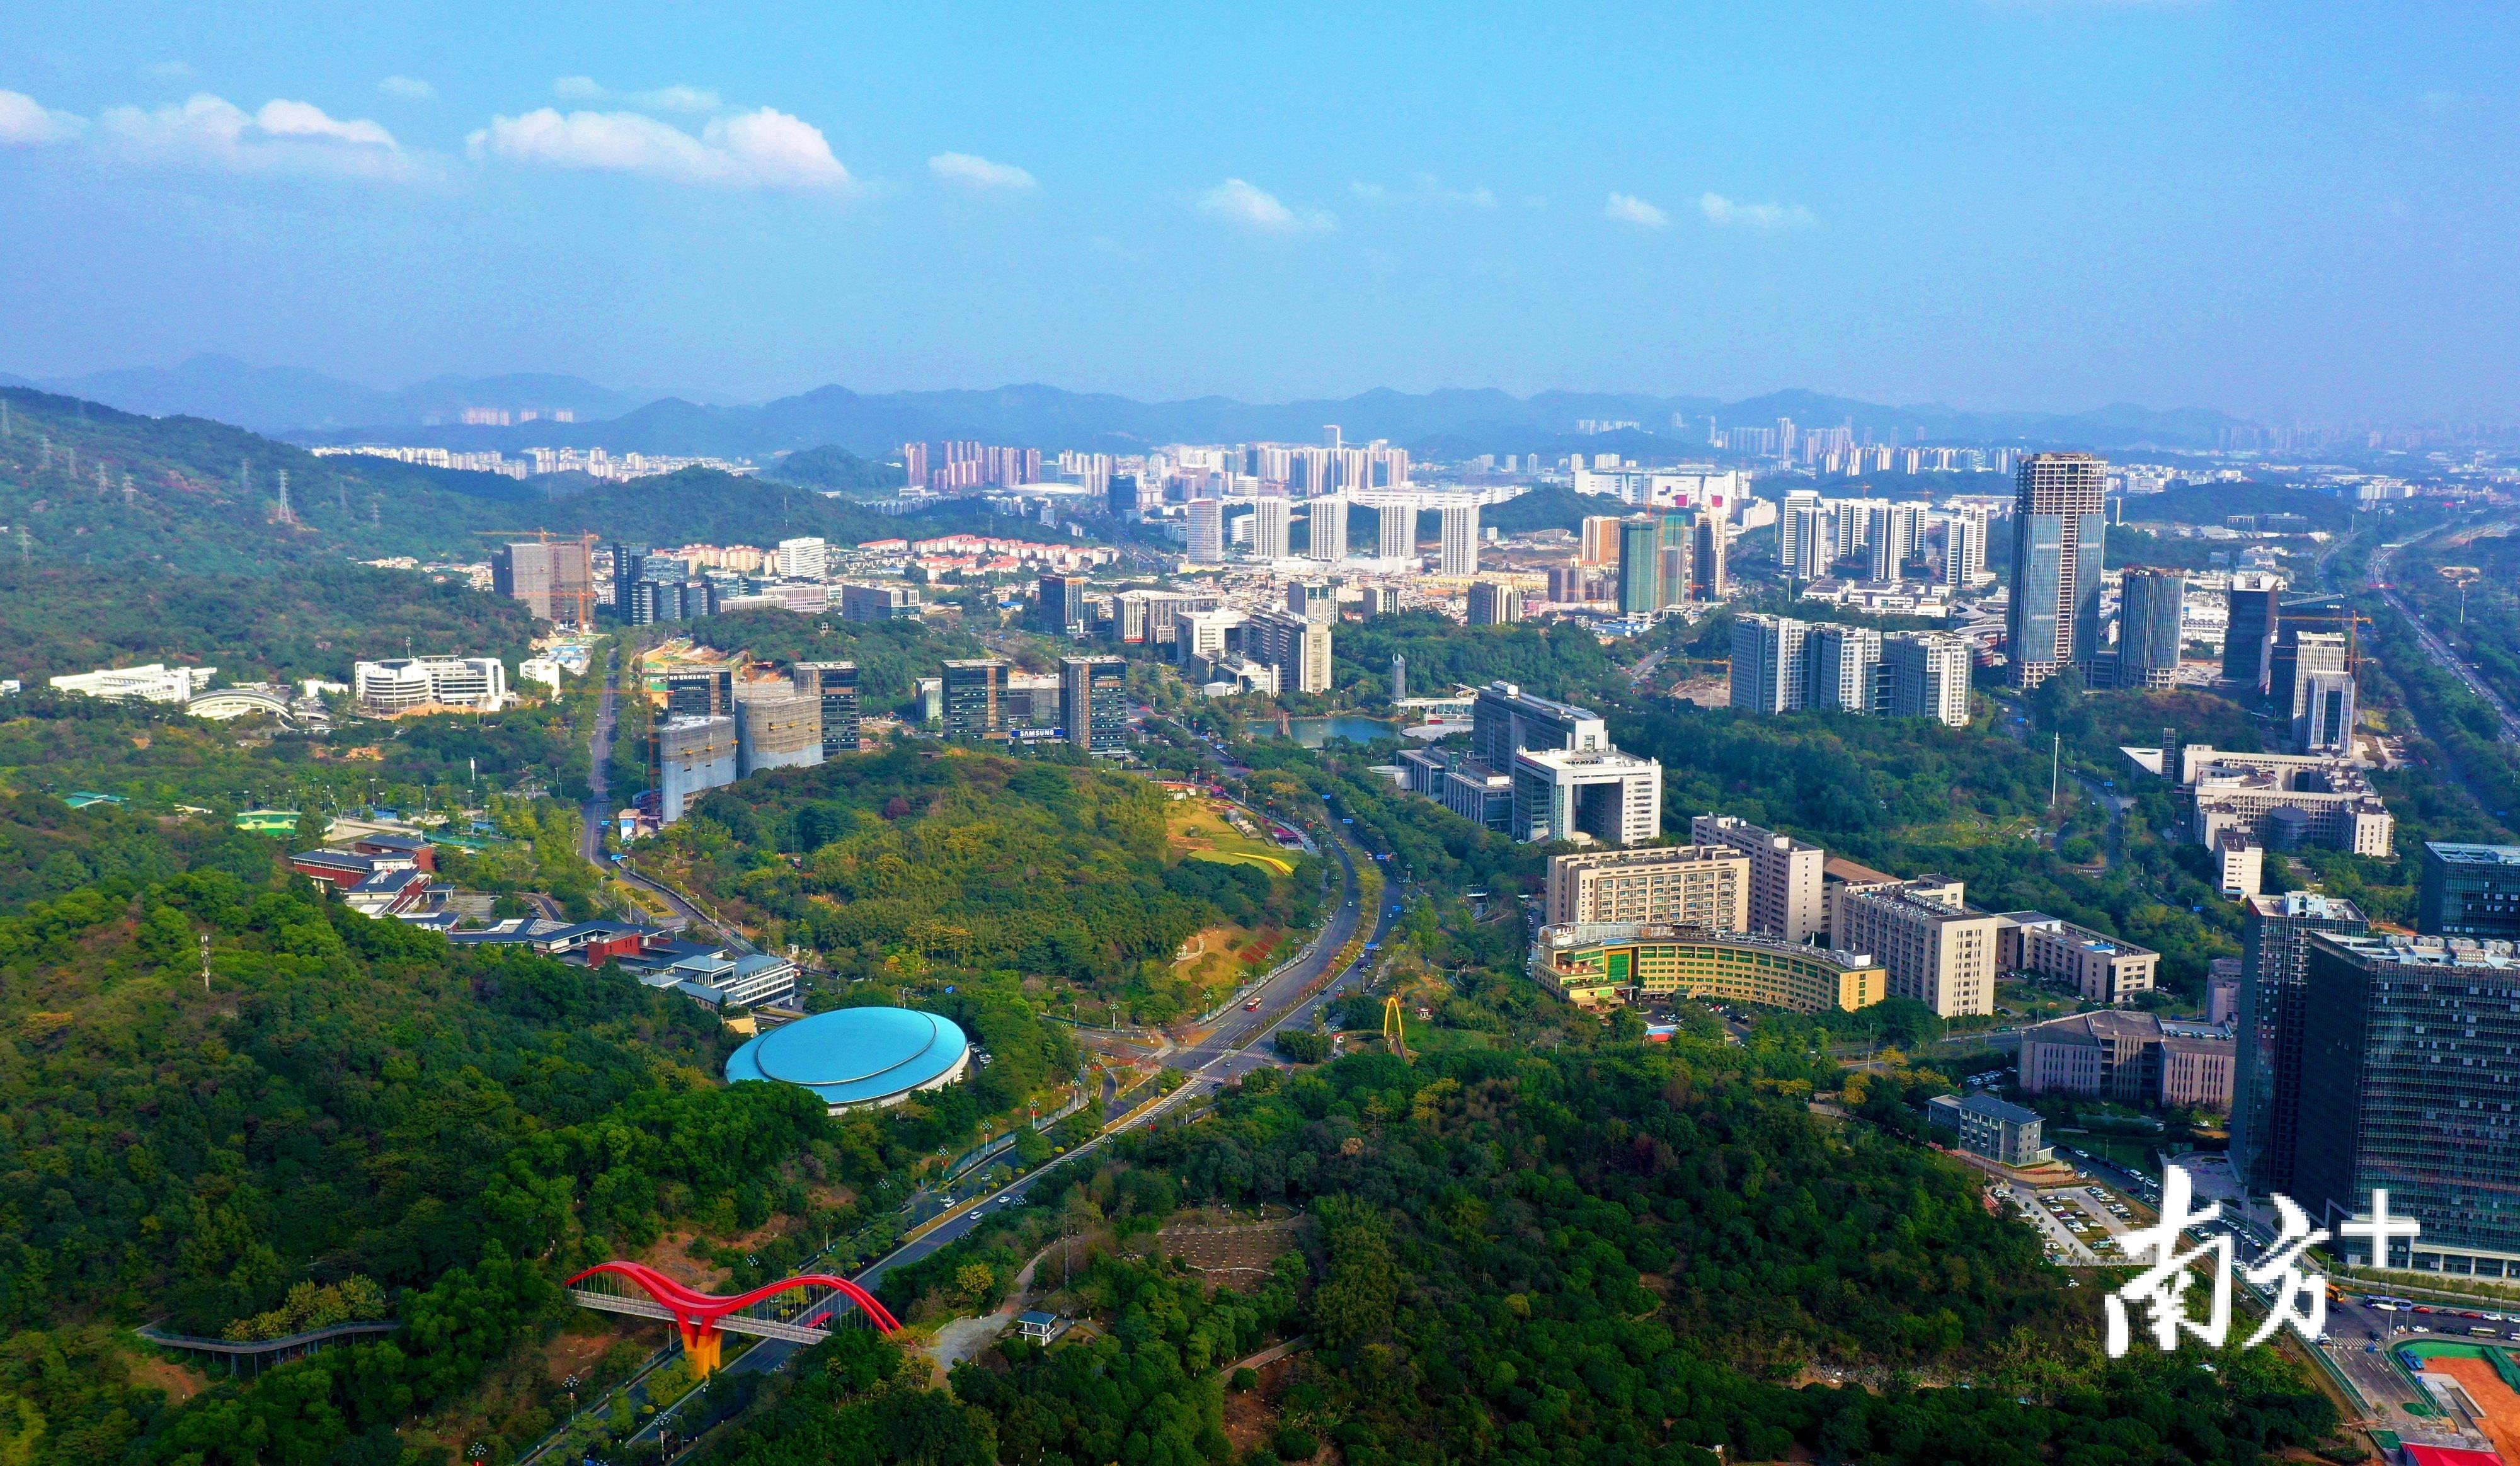 2019年,黄埔区、广州开发区、广州高新区多项指数居全市乃至全国开发区第一。图为该区广州科学城。李剑锋 摄